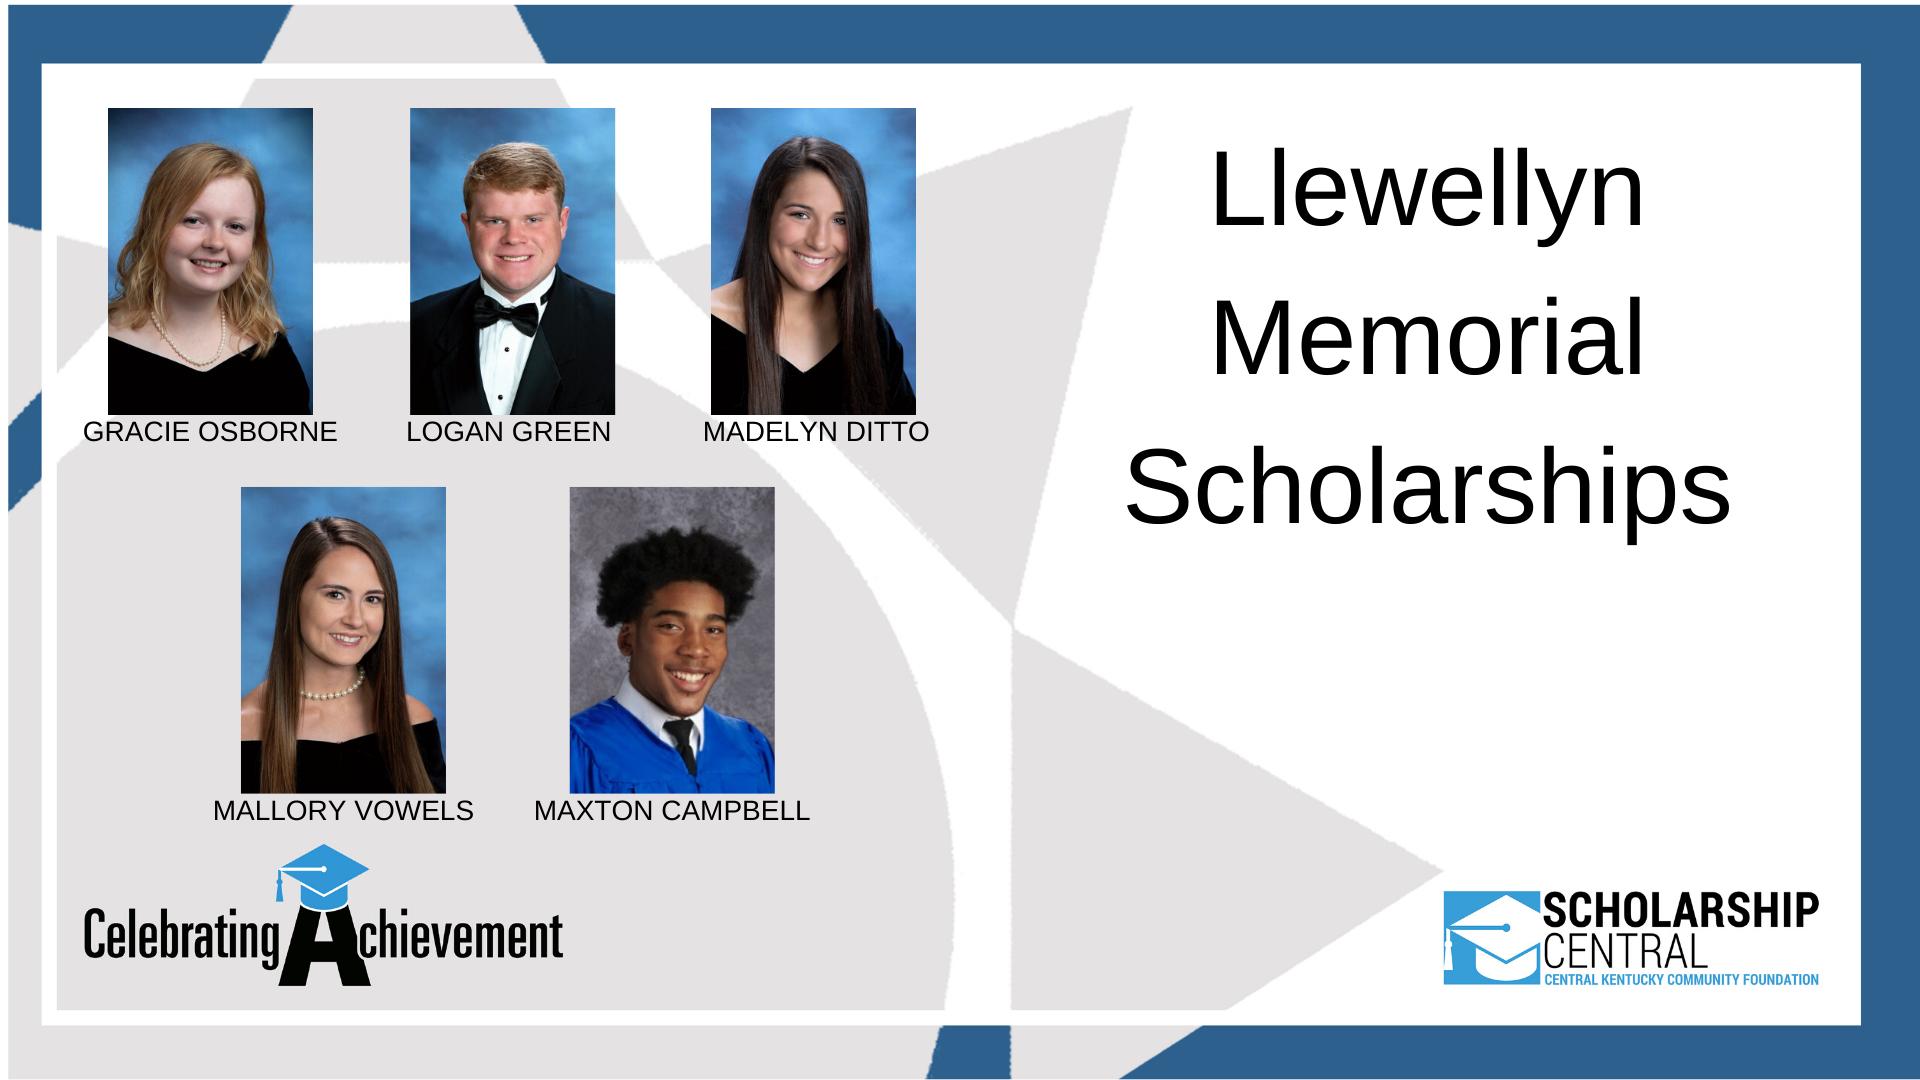 Llewellyn Memorial Scholarship4